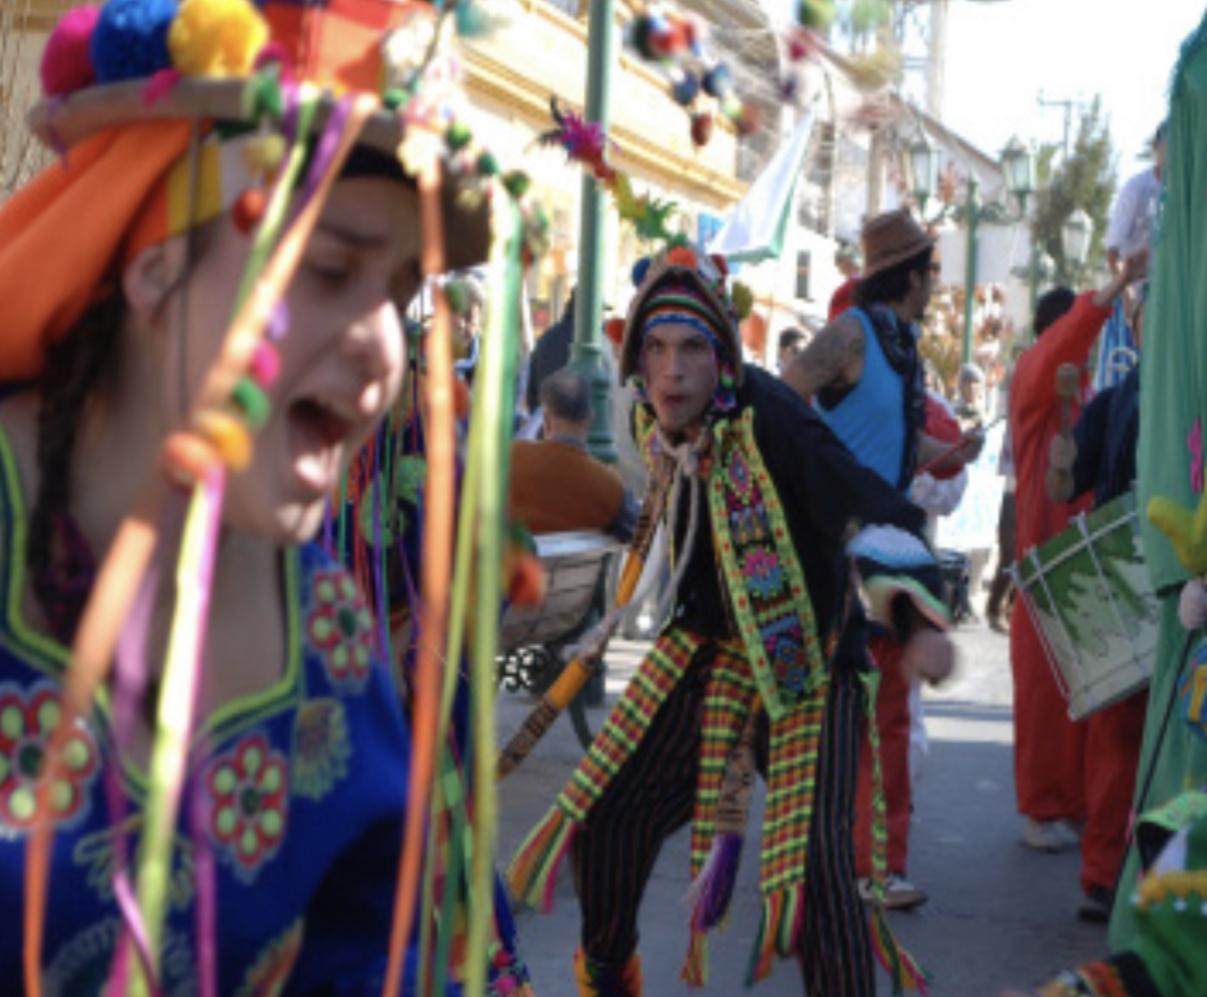 Música, colores y entretención darán vida al carnaval artístico de Vallenar